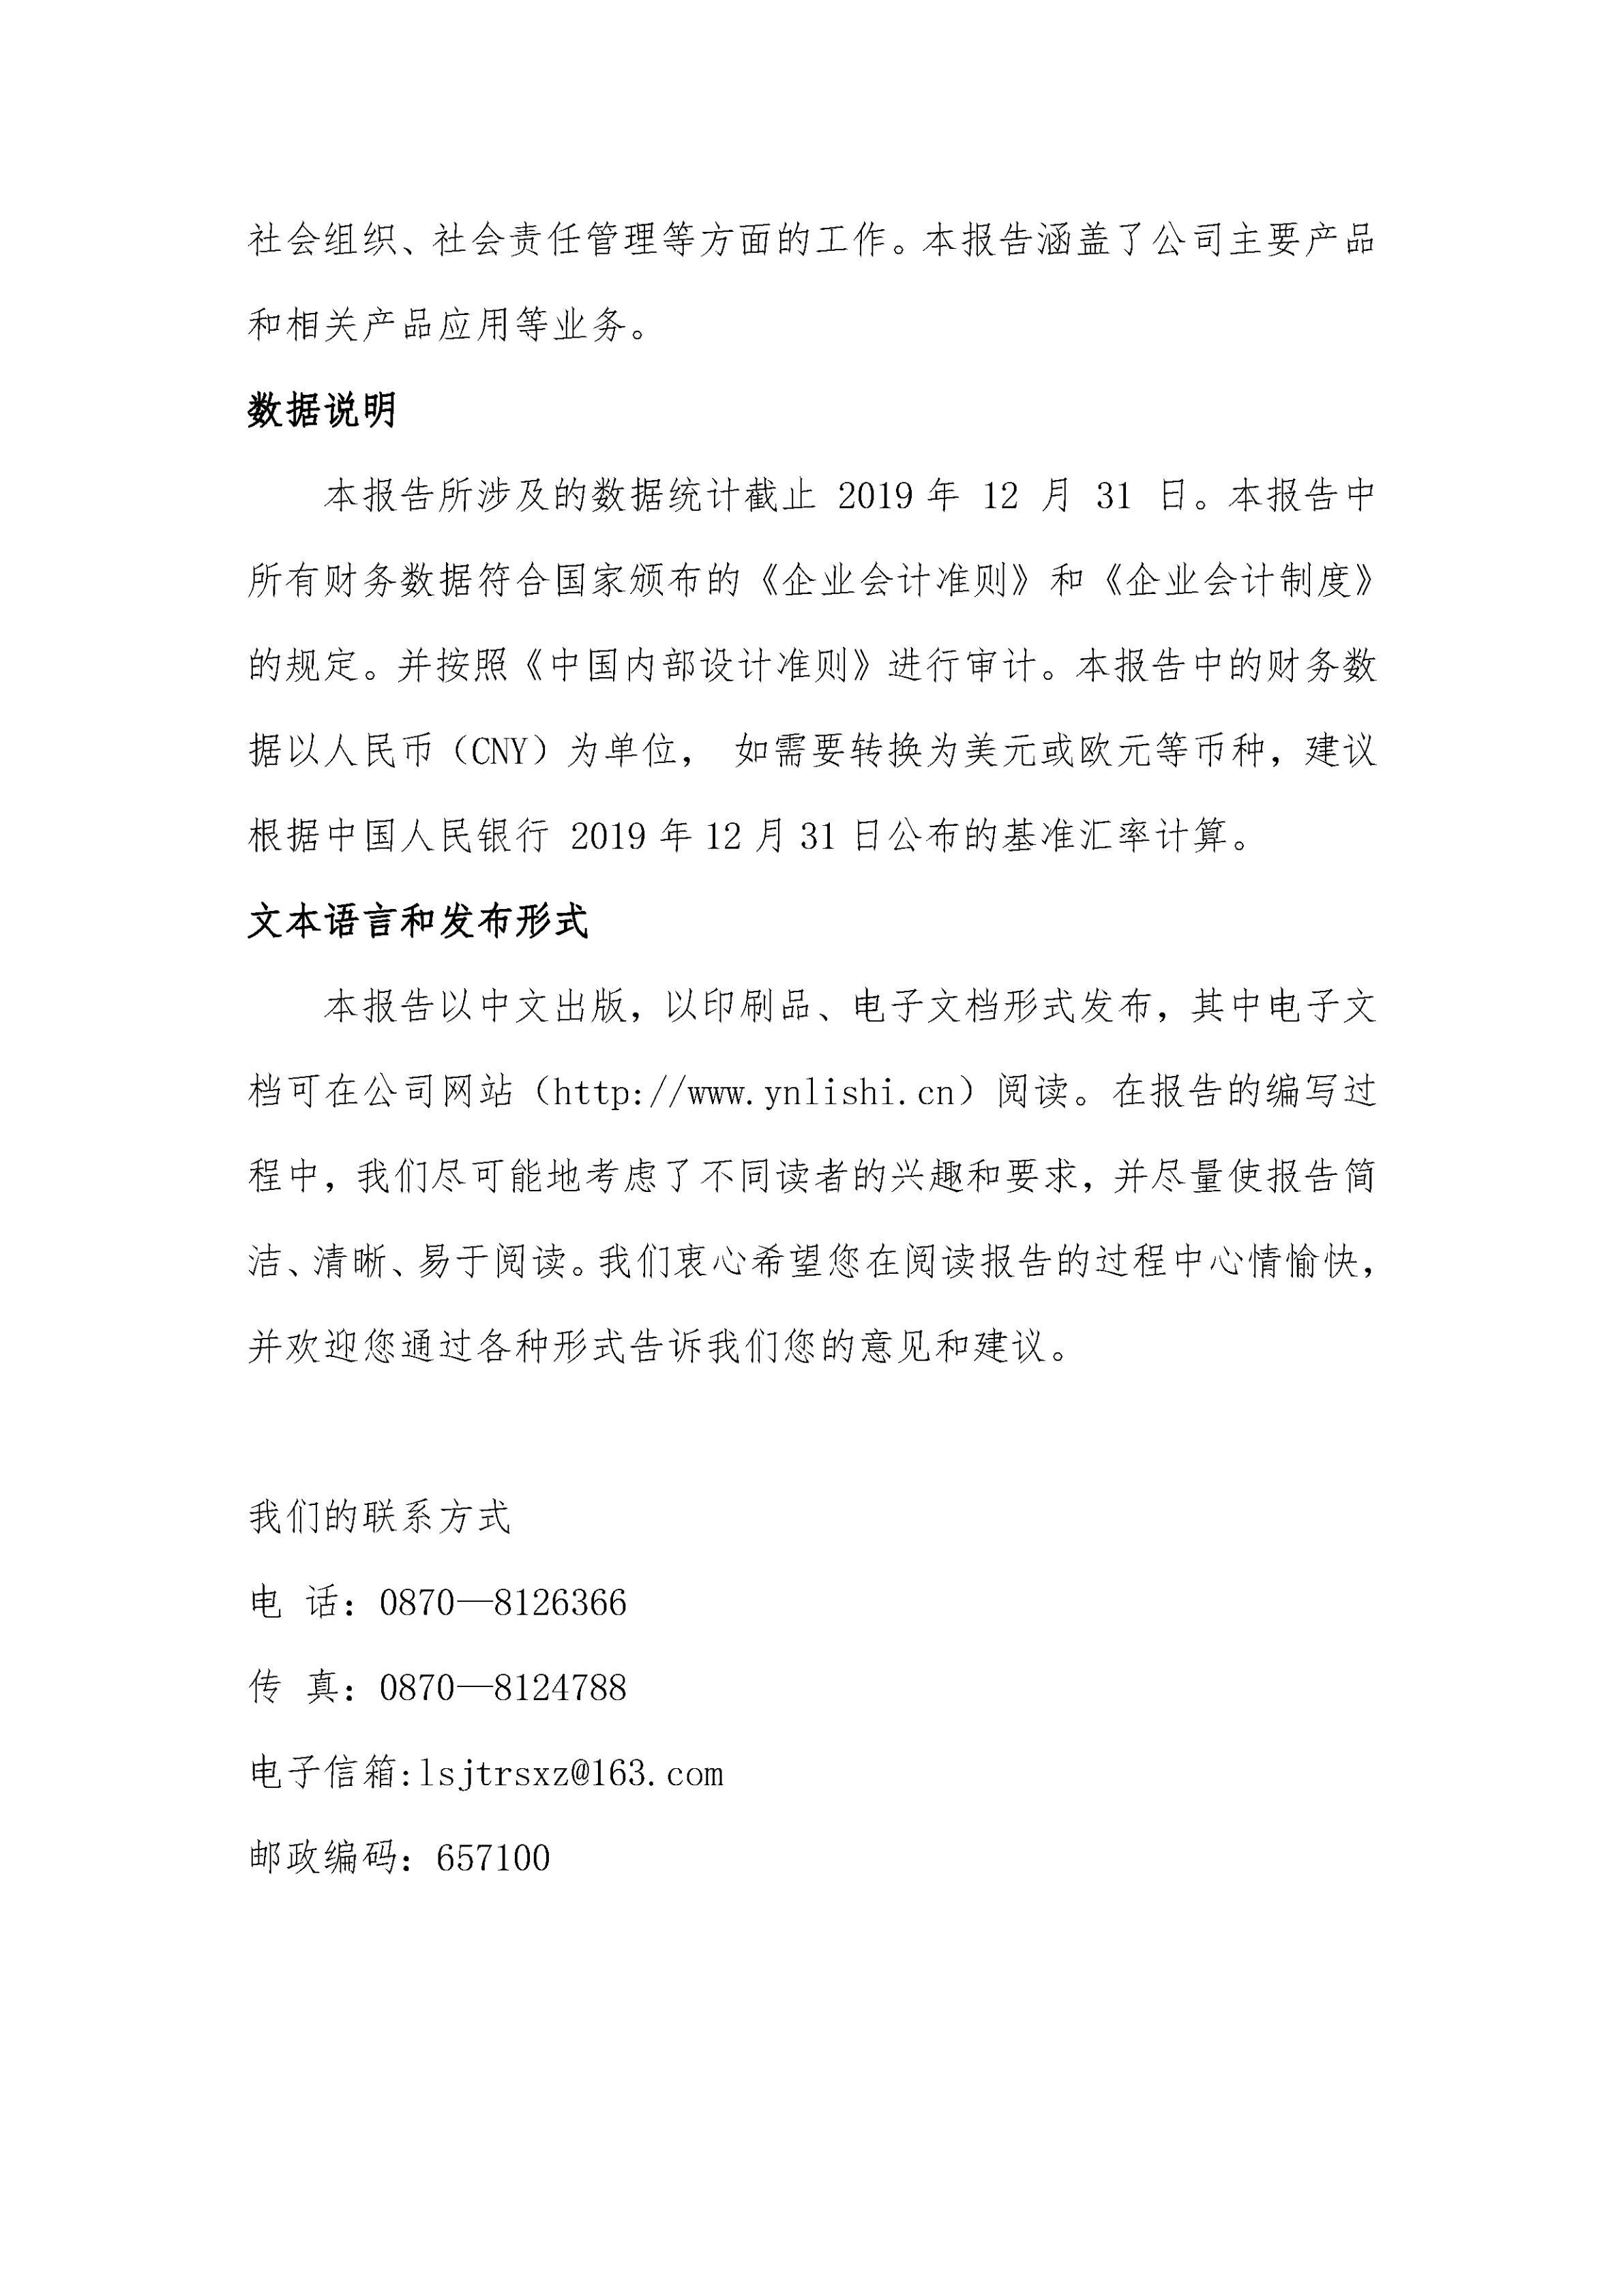 云南理世实业(集团)有限责任公司2019年社会责任报告.FR11_01.jpg